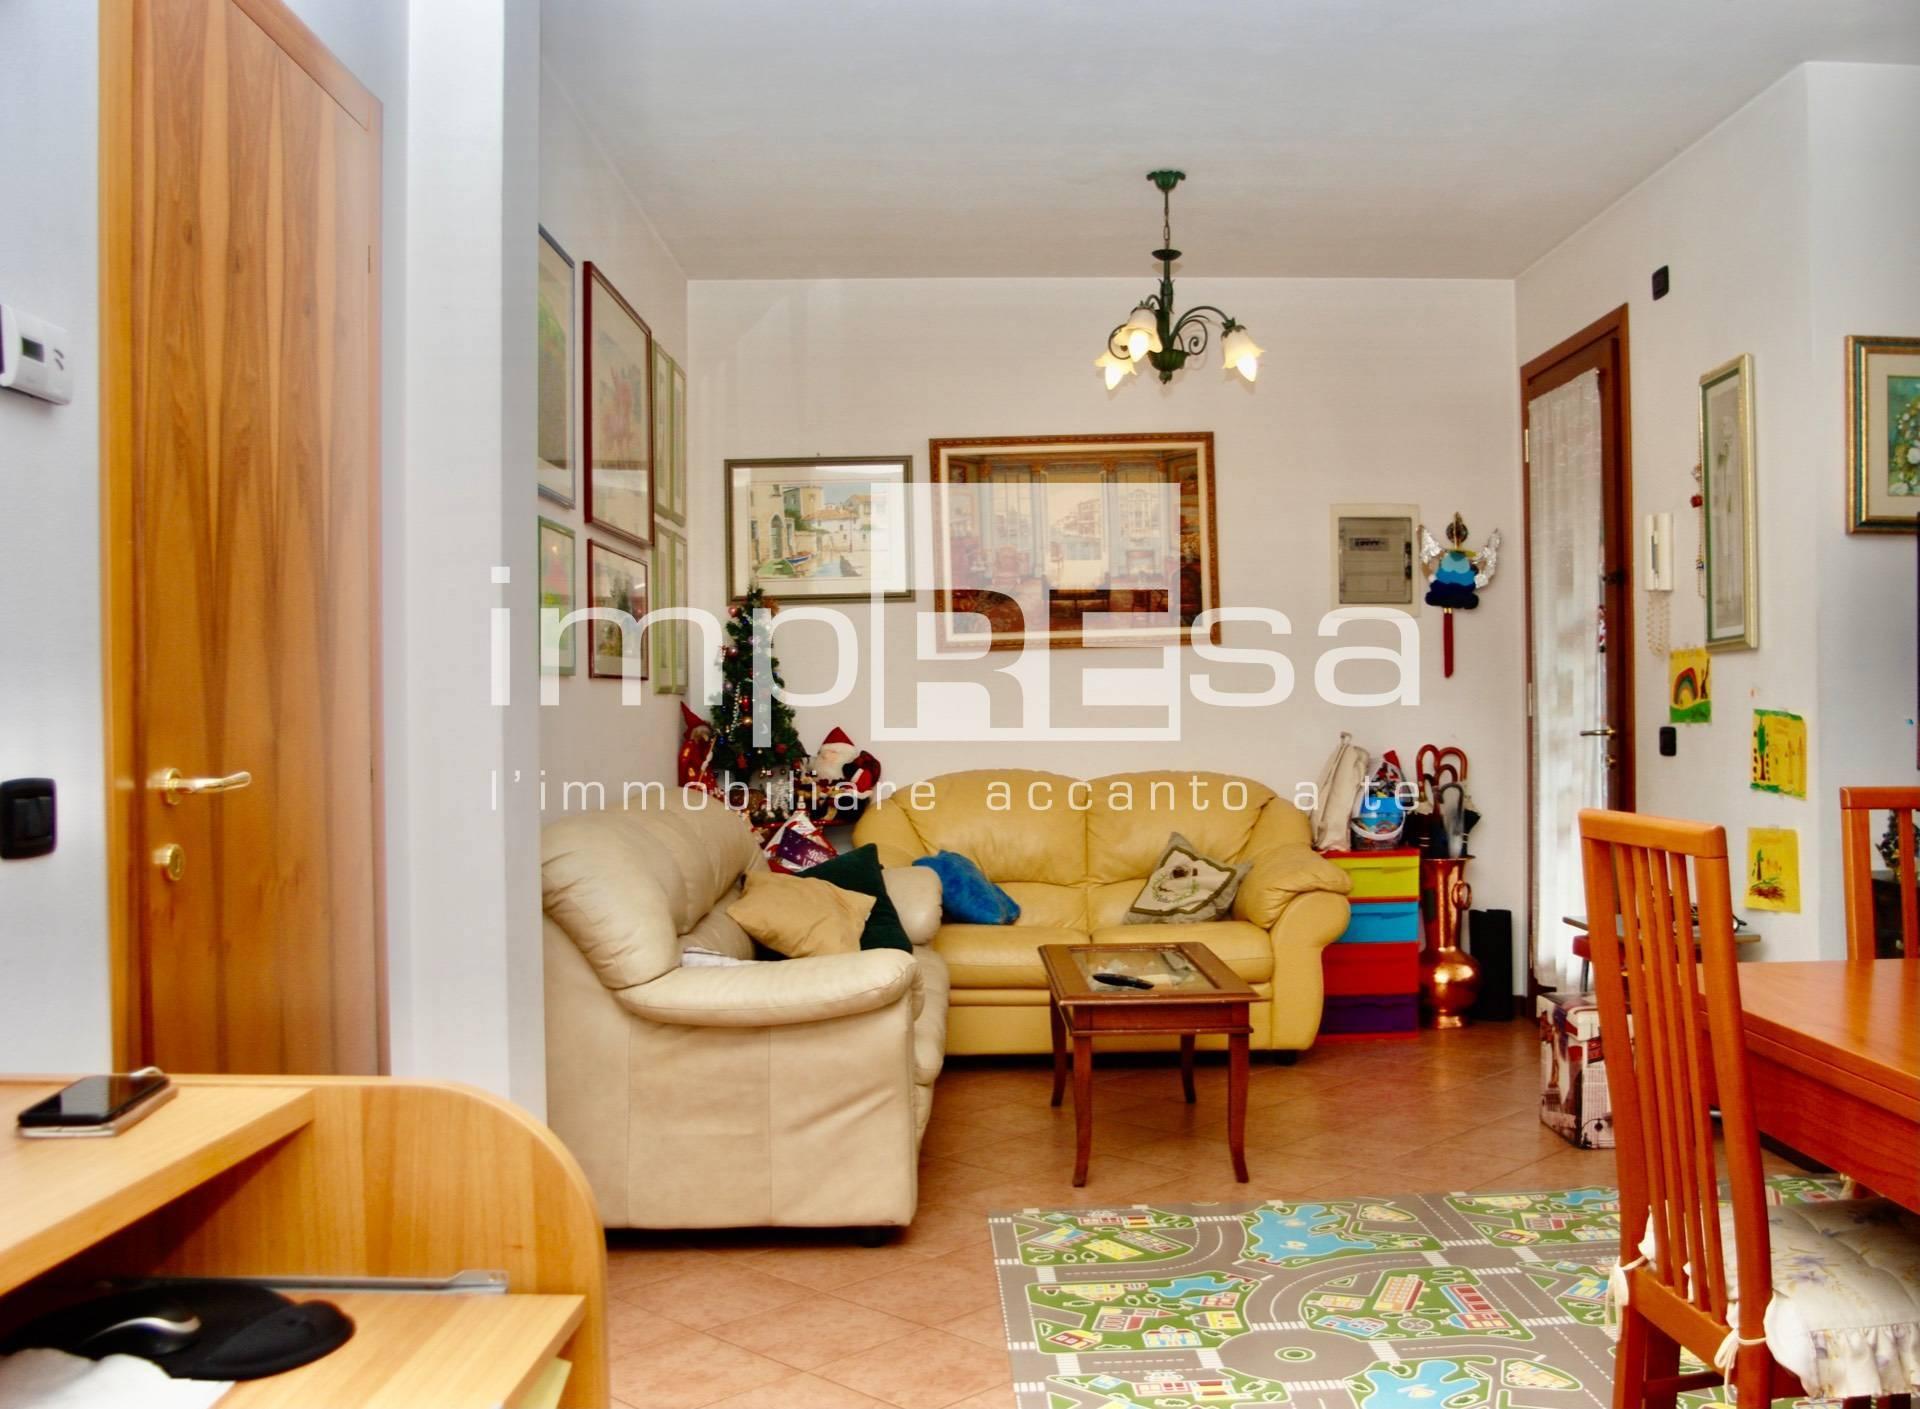 Appartamento in vendita a Maserada sul Piave, 5 locali, zona Località: Maserada, prezzo € 119.000 | CambioCasa.it